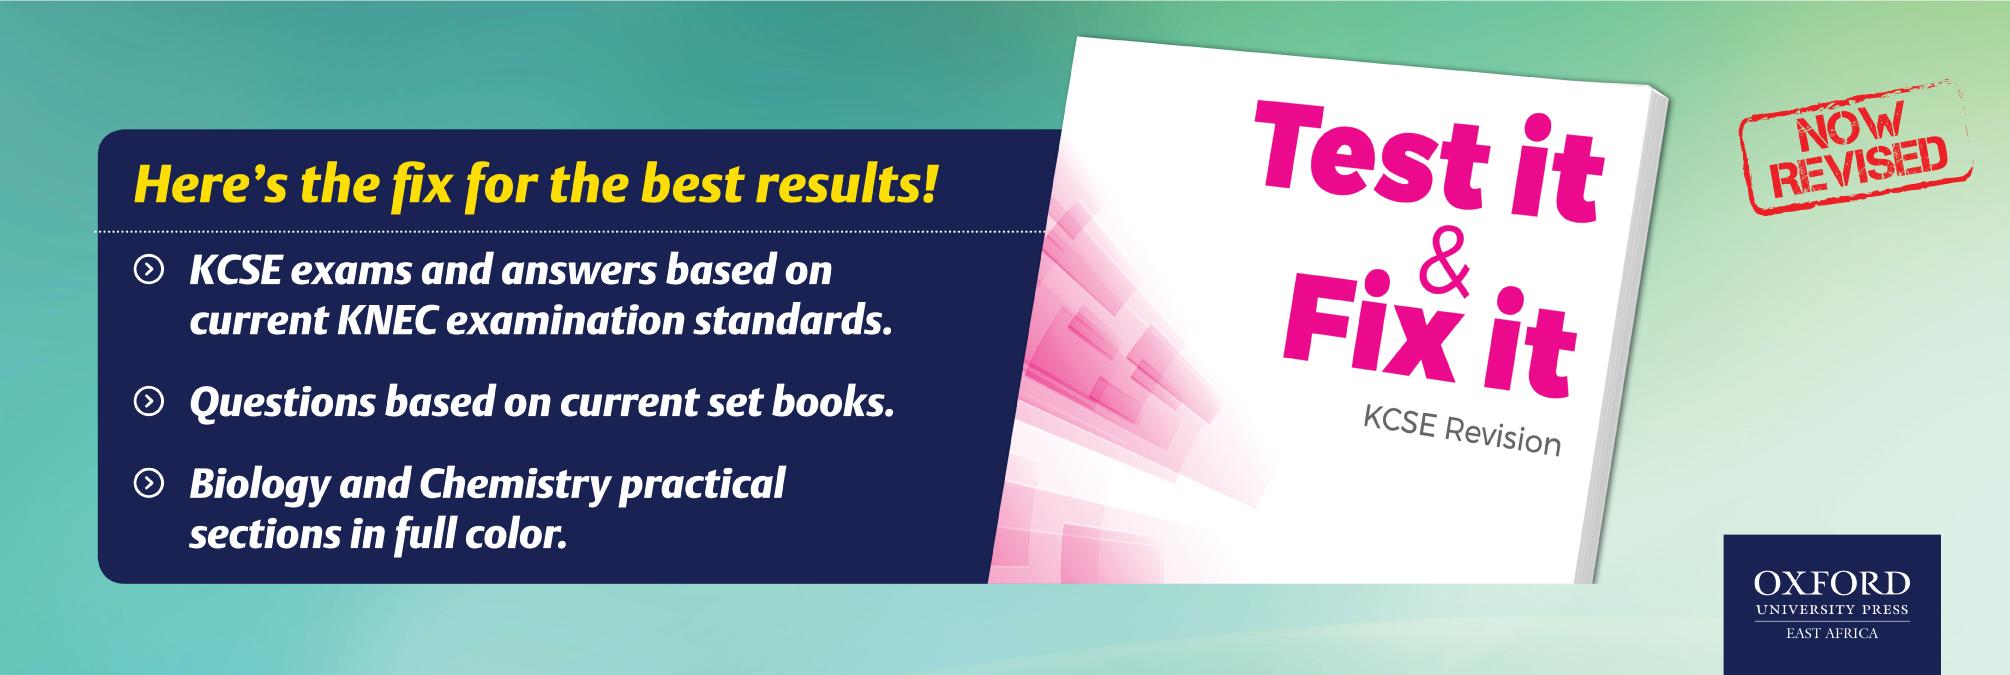 Top 12 K c s e Revision Books Pdf - Gorgeous Tiny